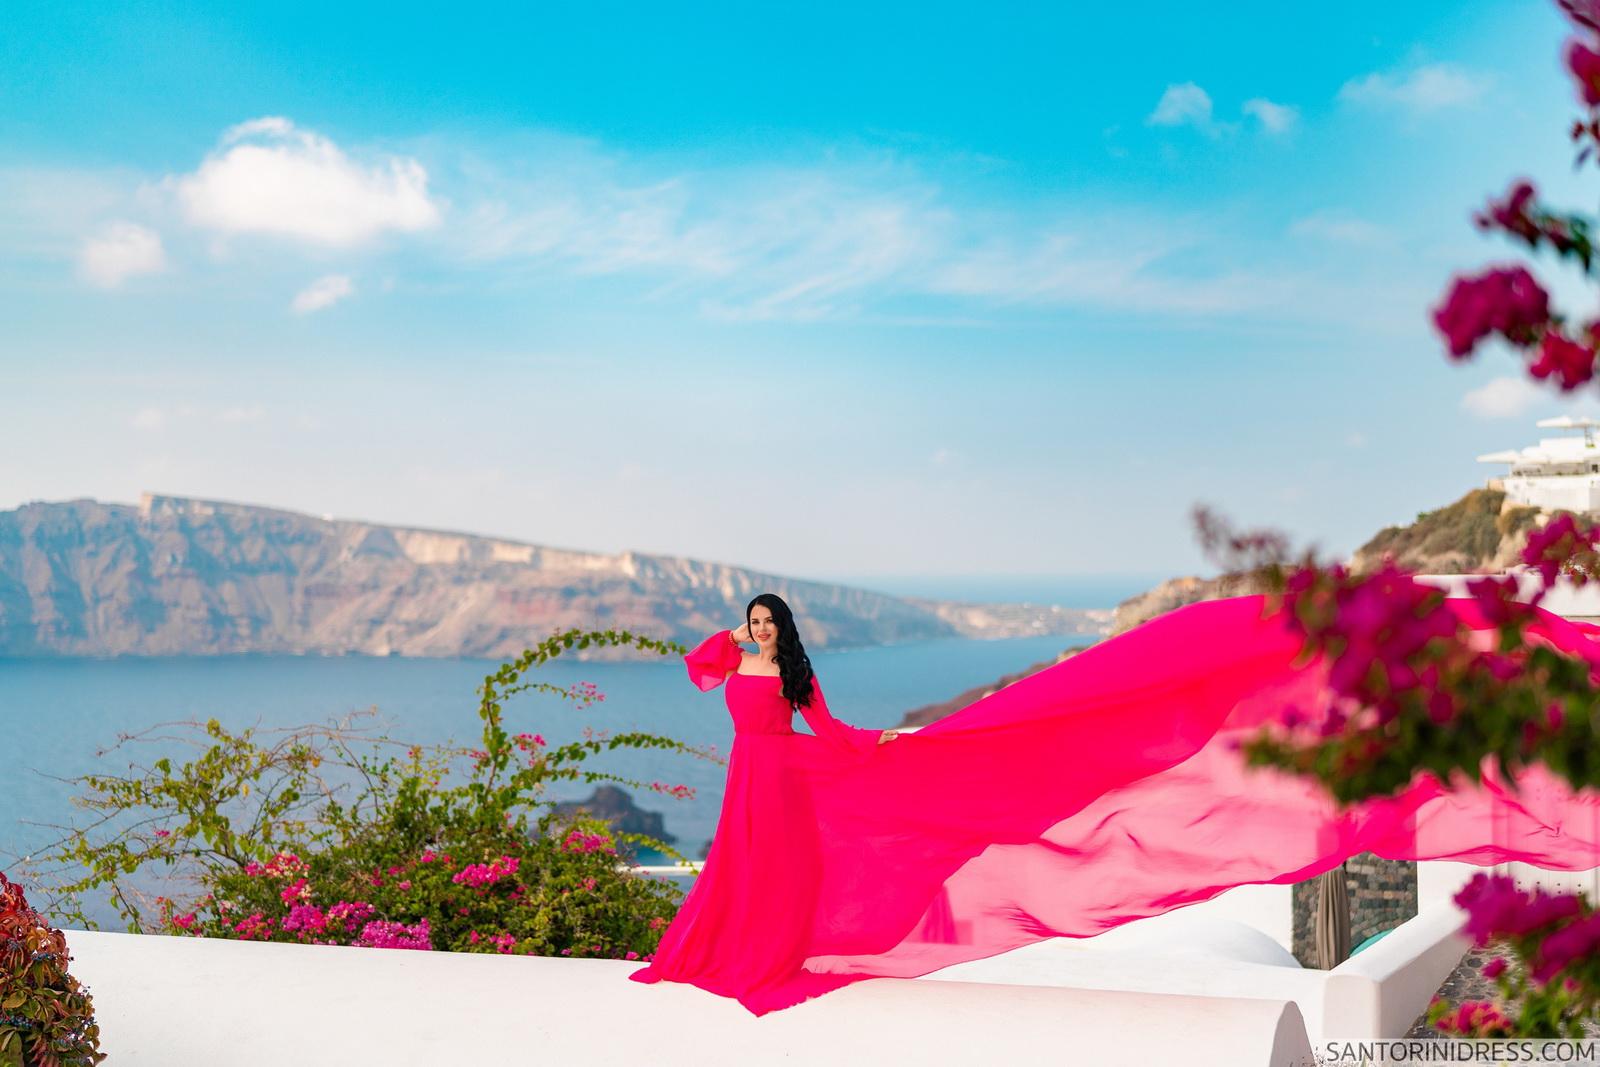 Meredith: свадьба на санторини, свадебное агентство Julia Veselova - Фото 2